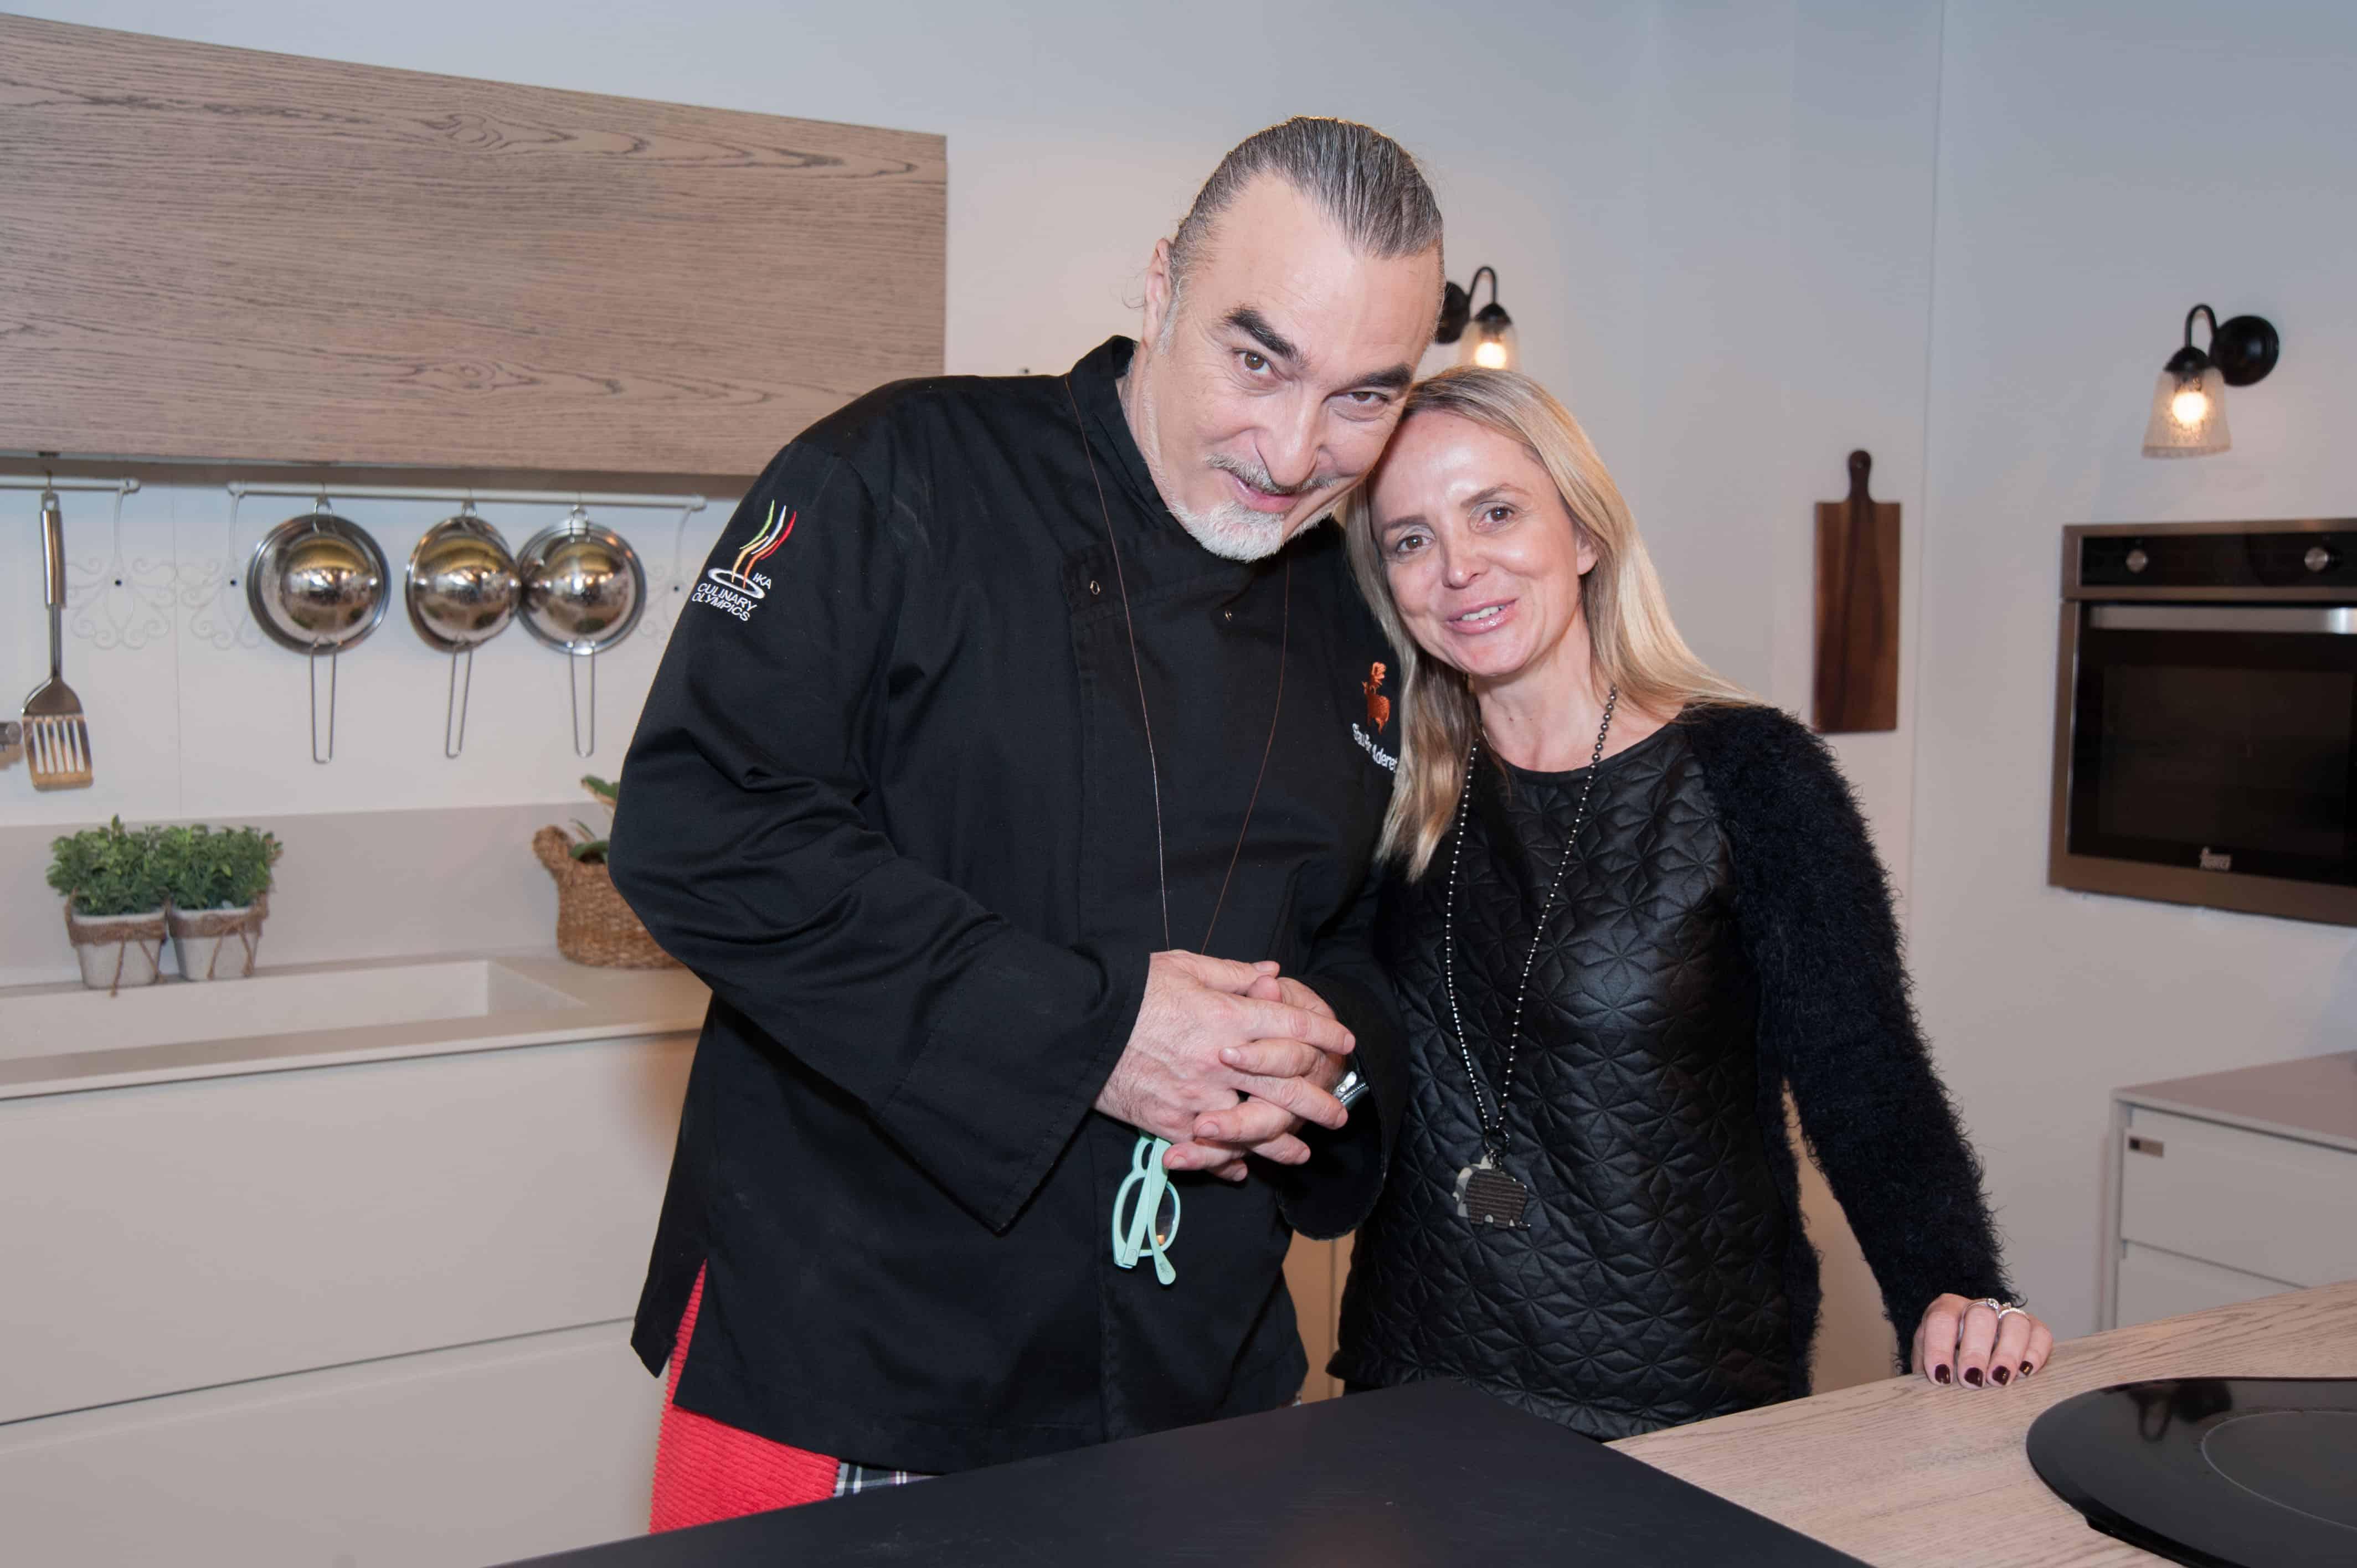 השף שאול בן אדרת ומנהלת השיווק של חברת המטבחים סמגל קונספט נעמה רוזמן הרטל באולפני הרצליה  צילום אסף זהר (2)